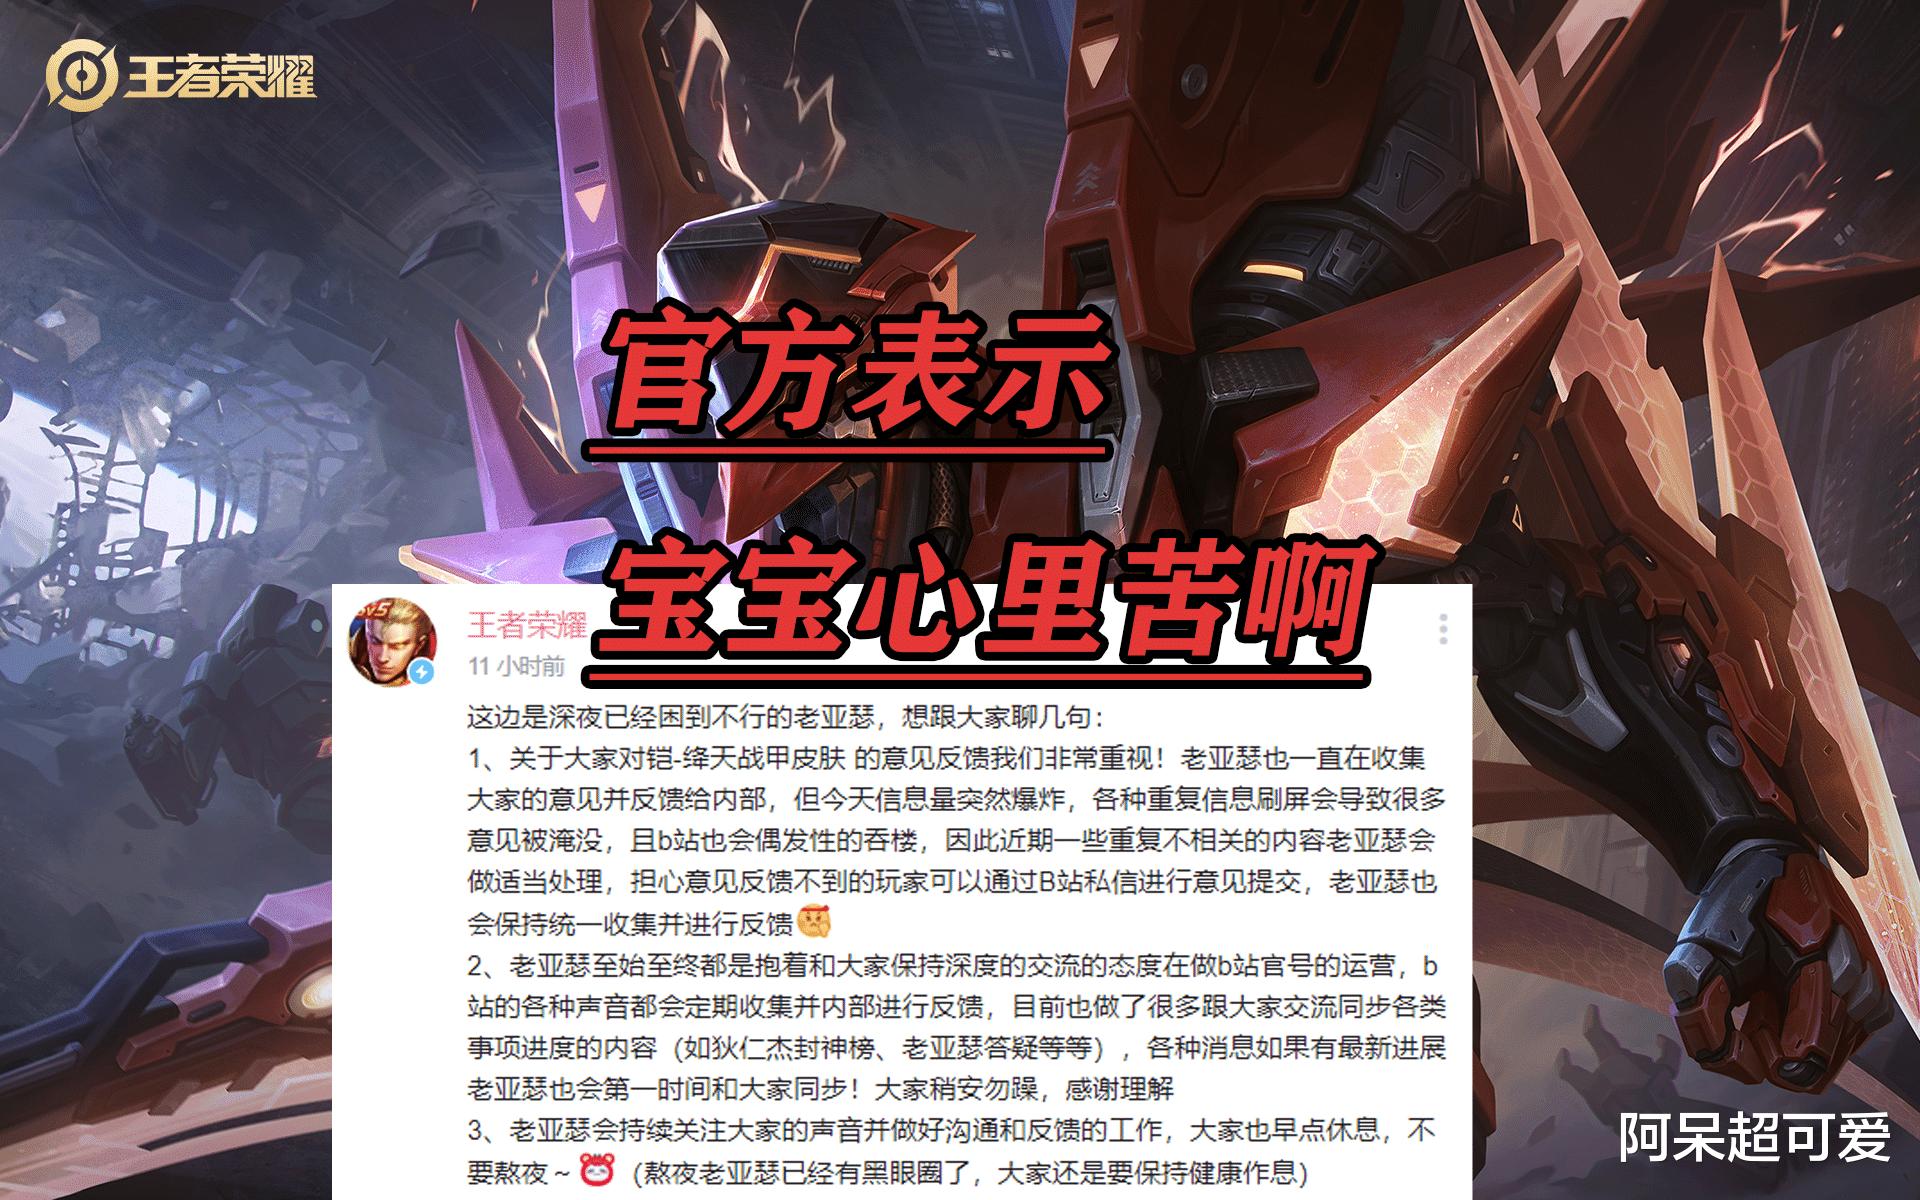 《【煜星娱乐线路】铠皇皮肤确认优化,关菲菲的做法确实不对,玩家的埋怨积累已久》